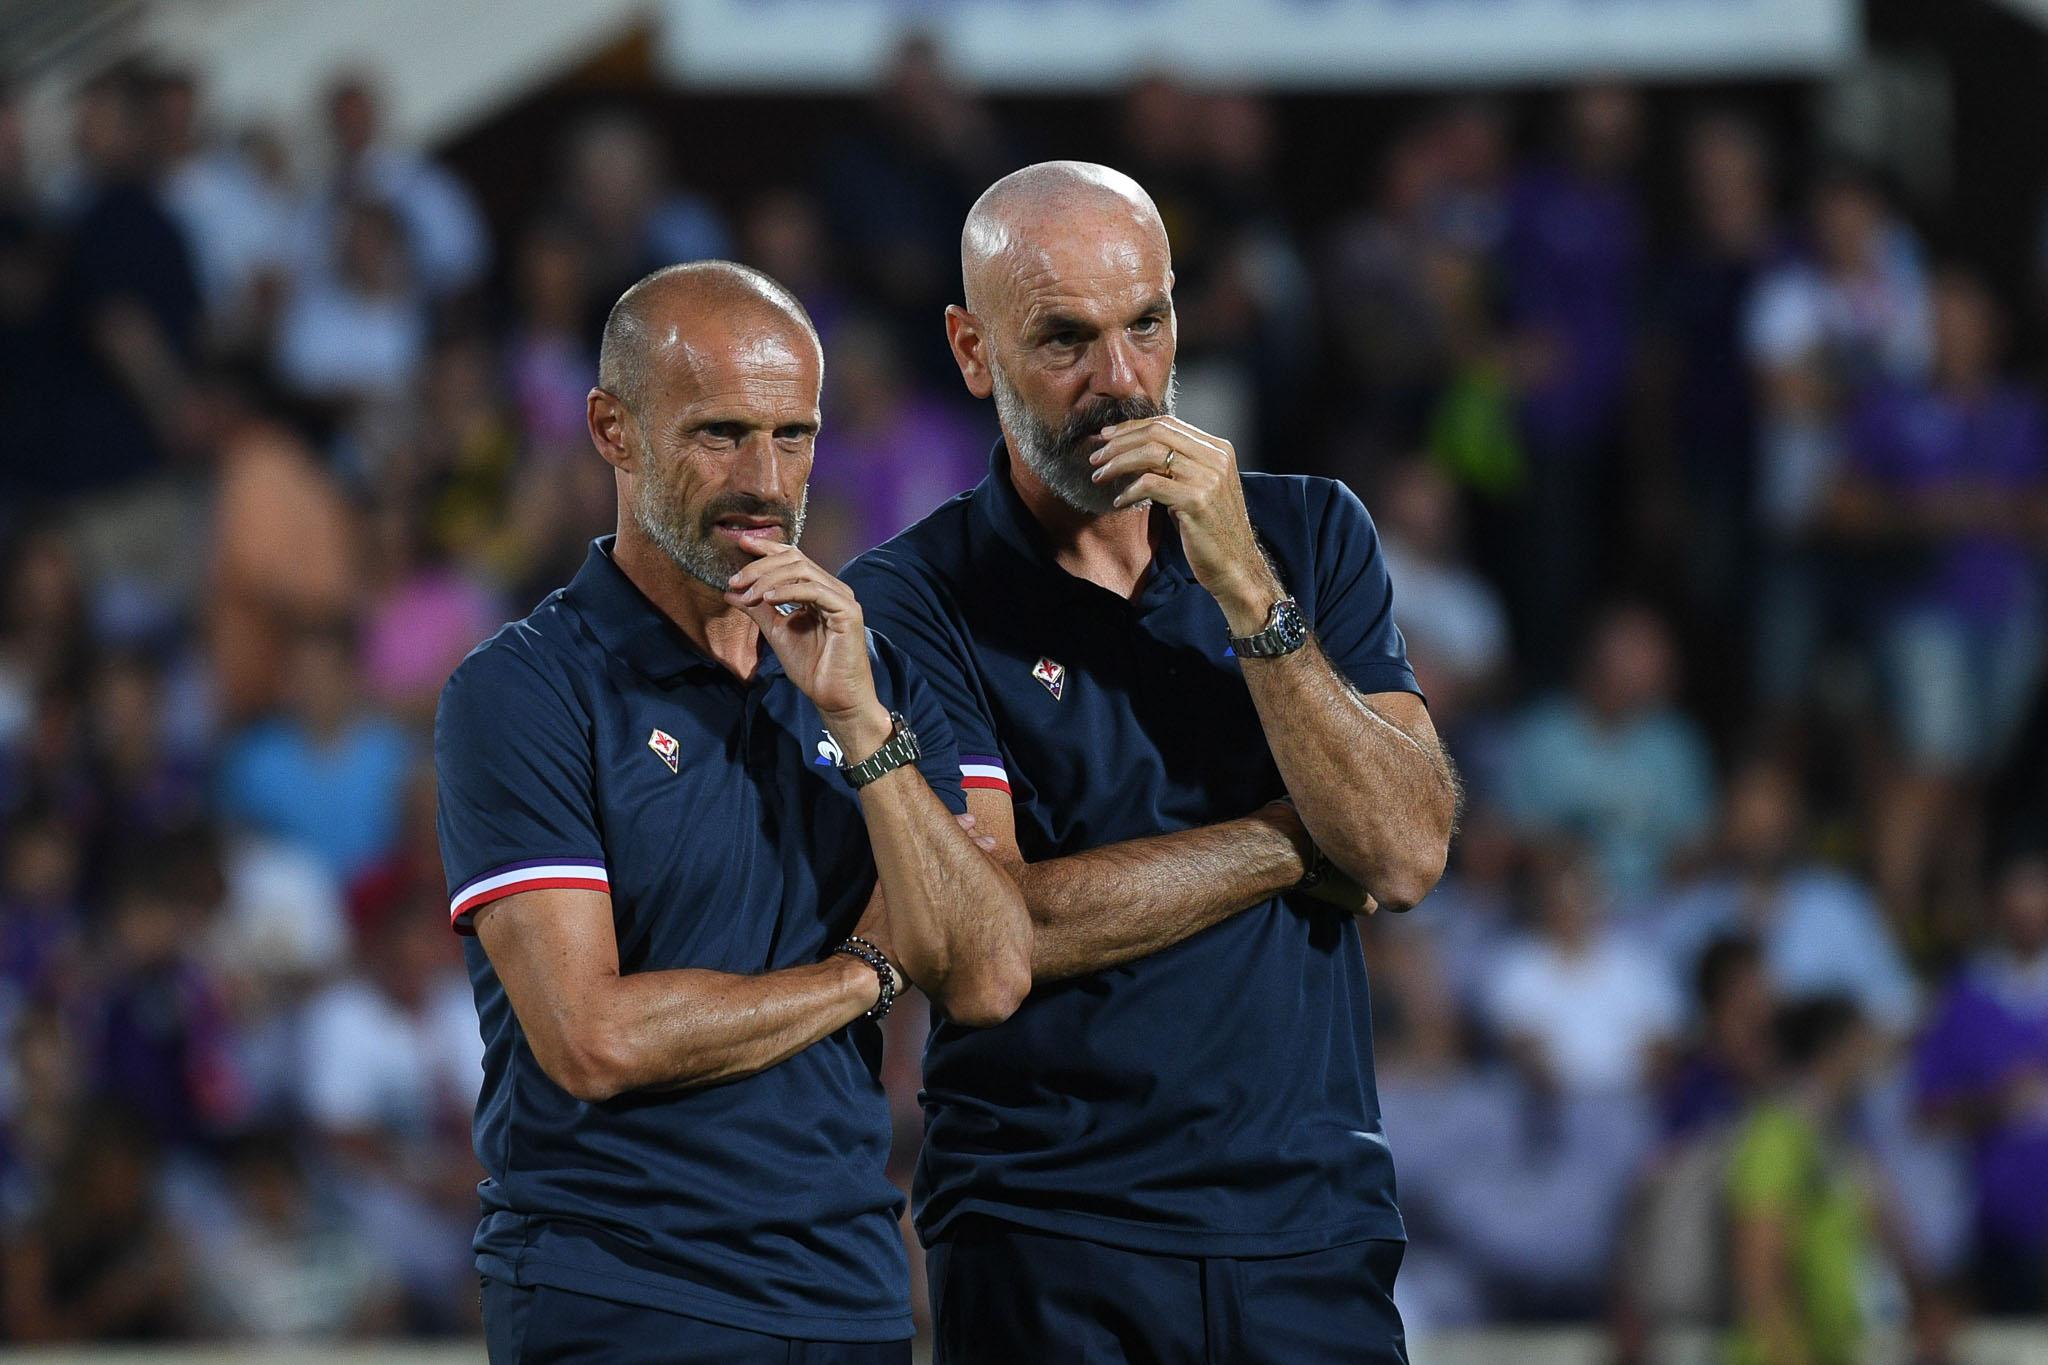 Cacciato per prendere Baggio e arrabbiato per la finale persa. Cosi Pioli ha il dente avvelenato contro la Juventus